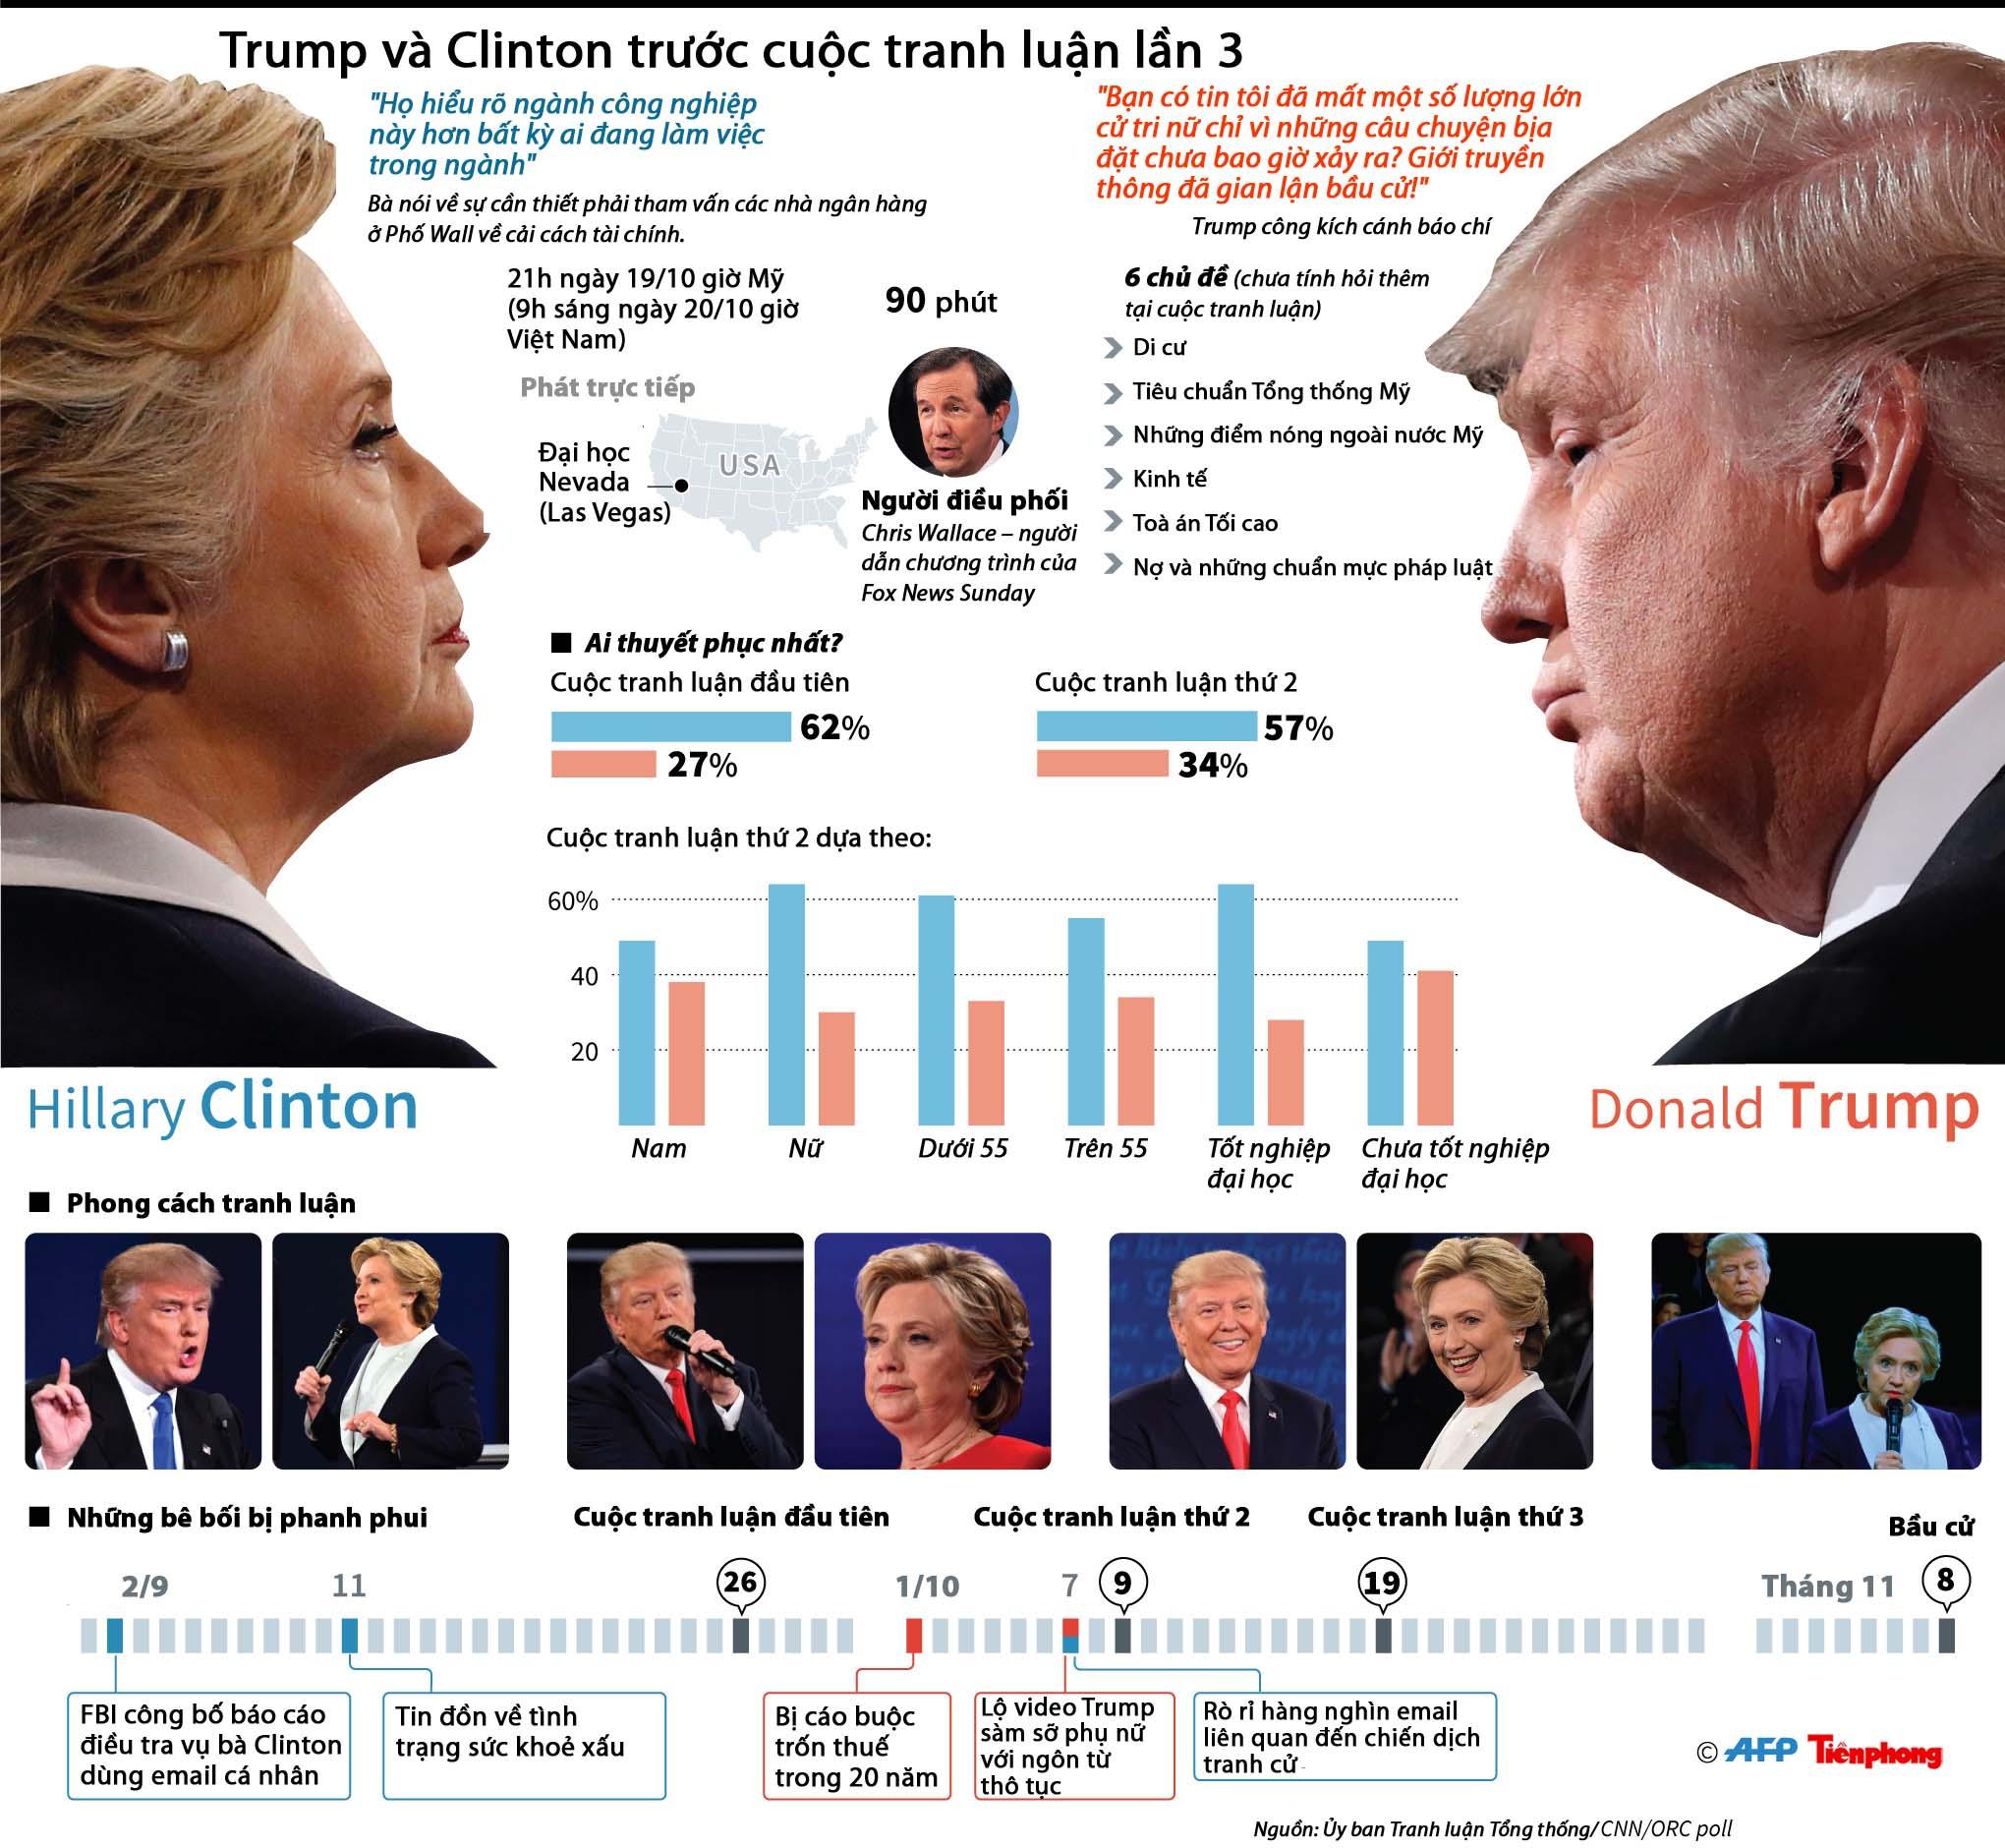 [ĐỒ HỌA] Trump và Clinton trước cuộc tranh luận lần 3 - ảnh 1